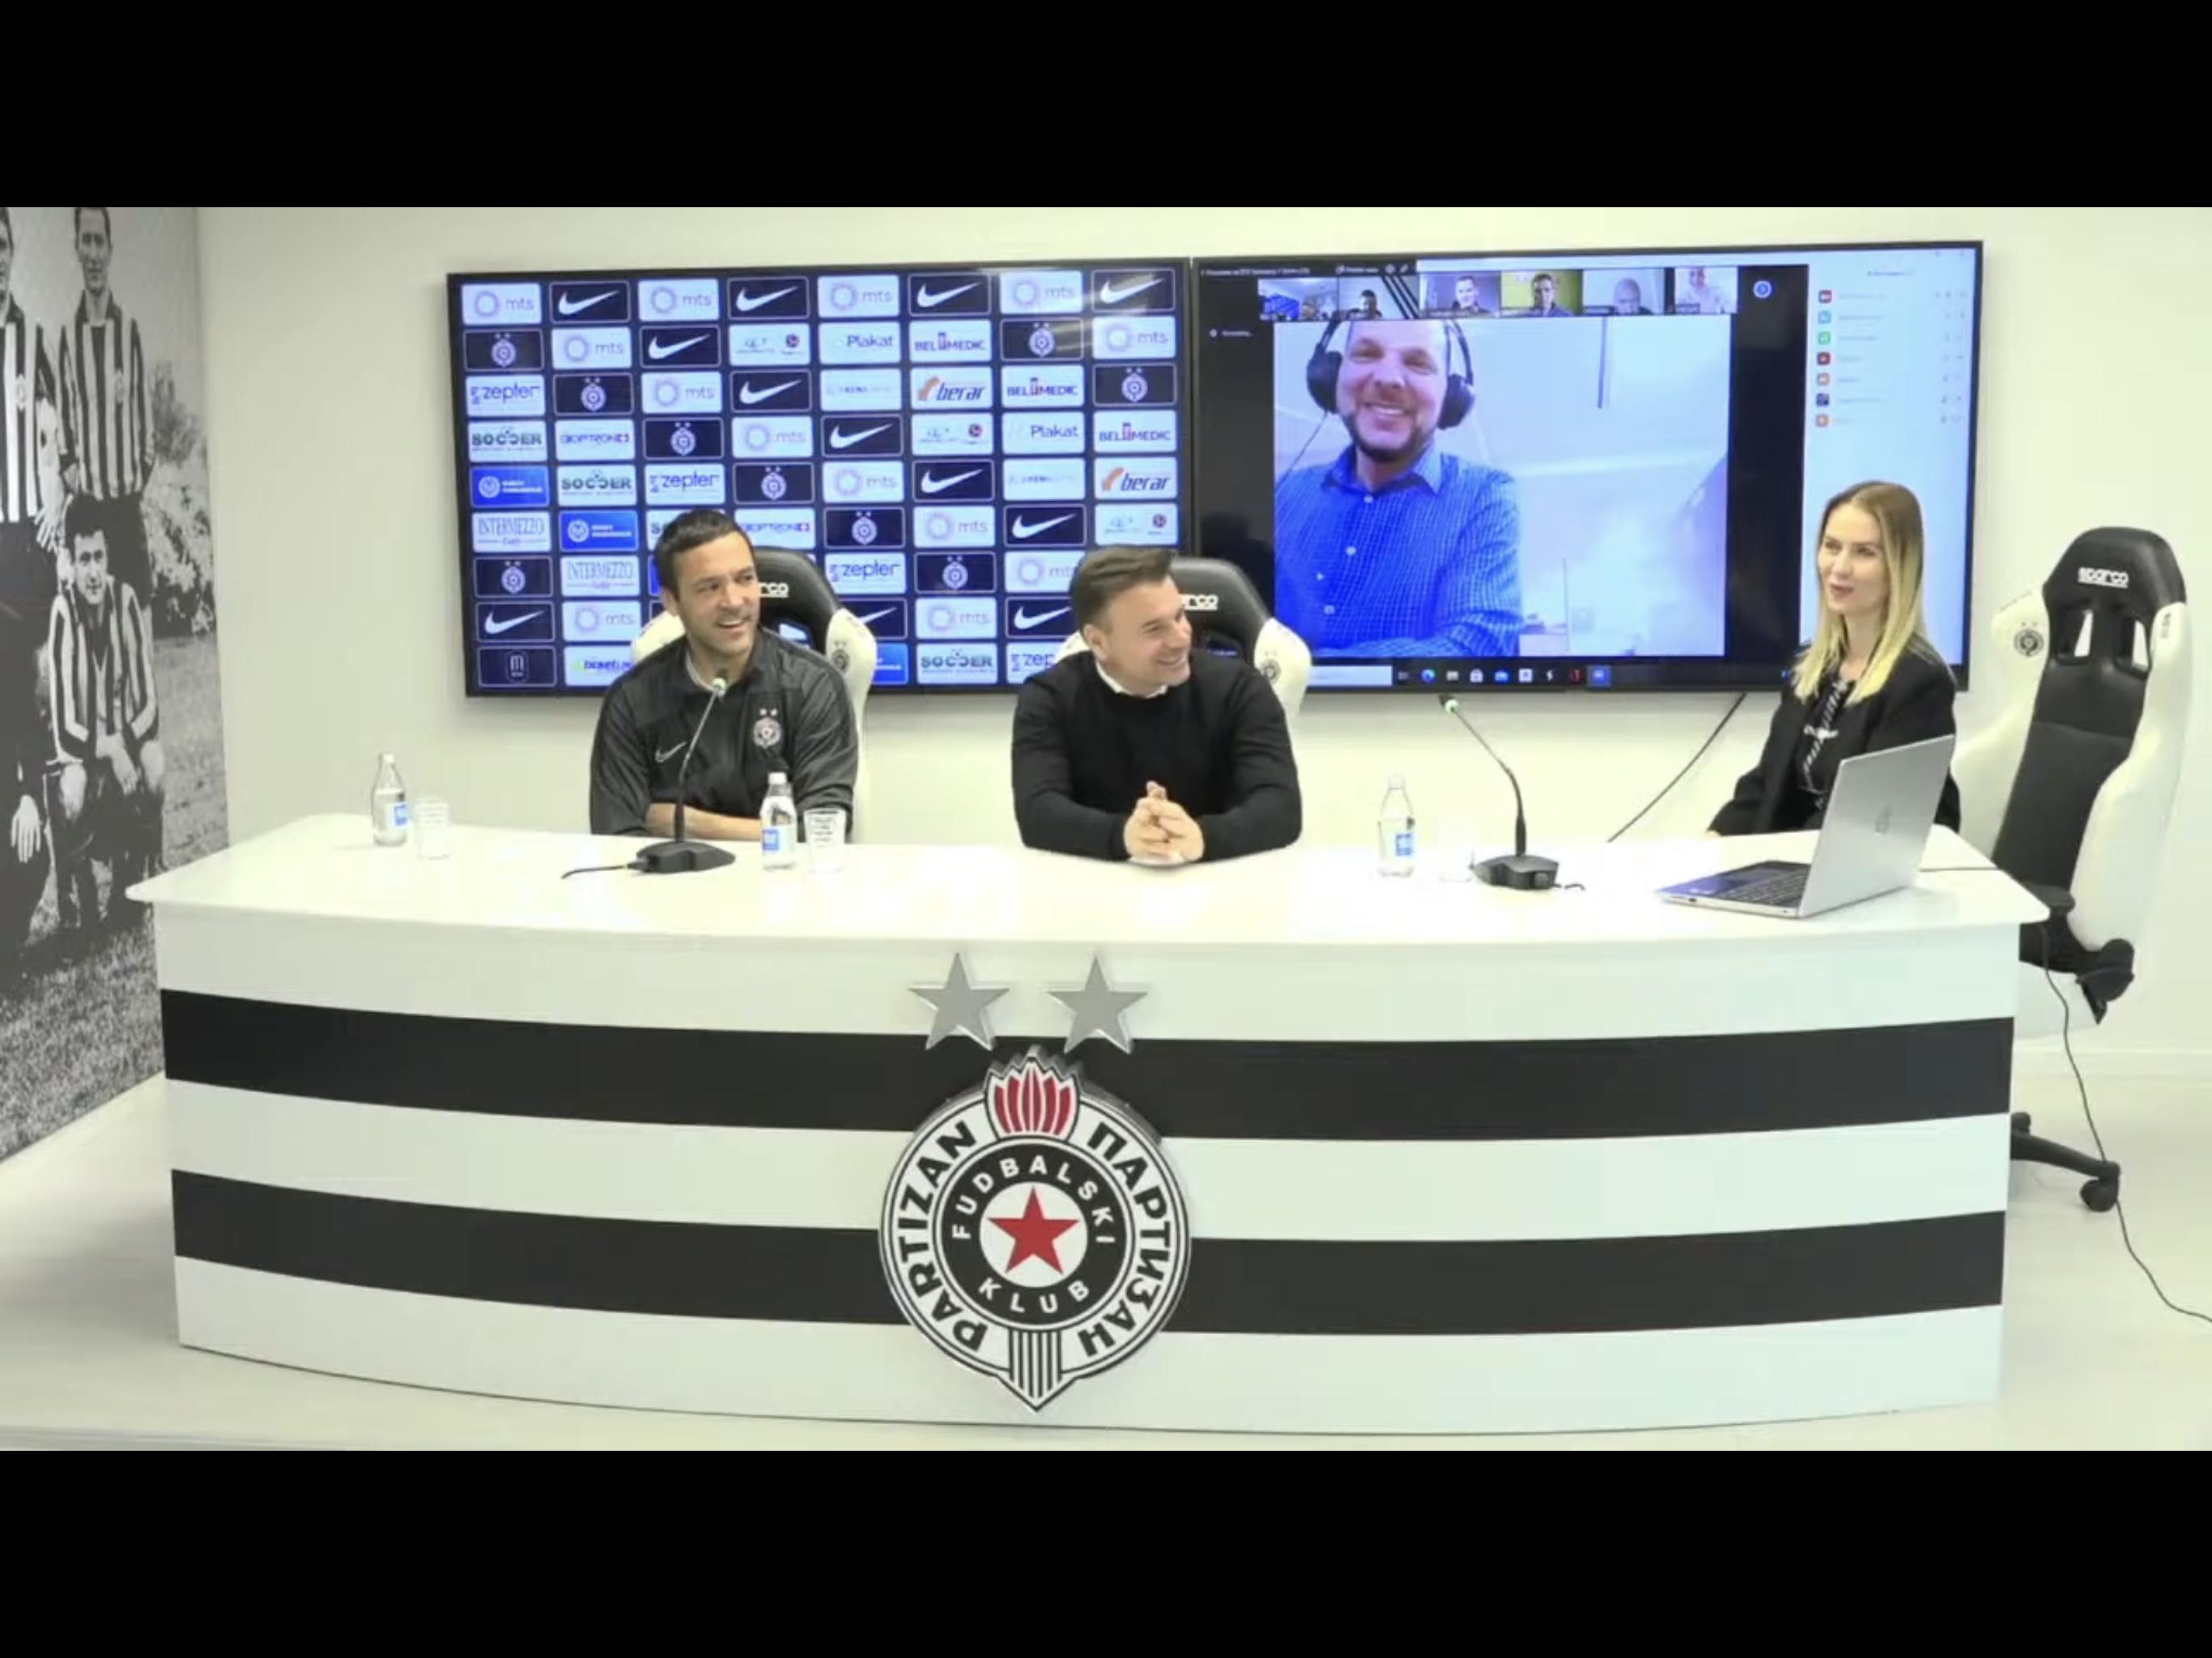 Partizan spreman za večiti derbi, portal kladionice Mocart ponovo na zavidnom nivou informisanosti (VIDEO)